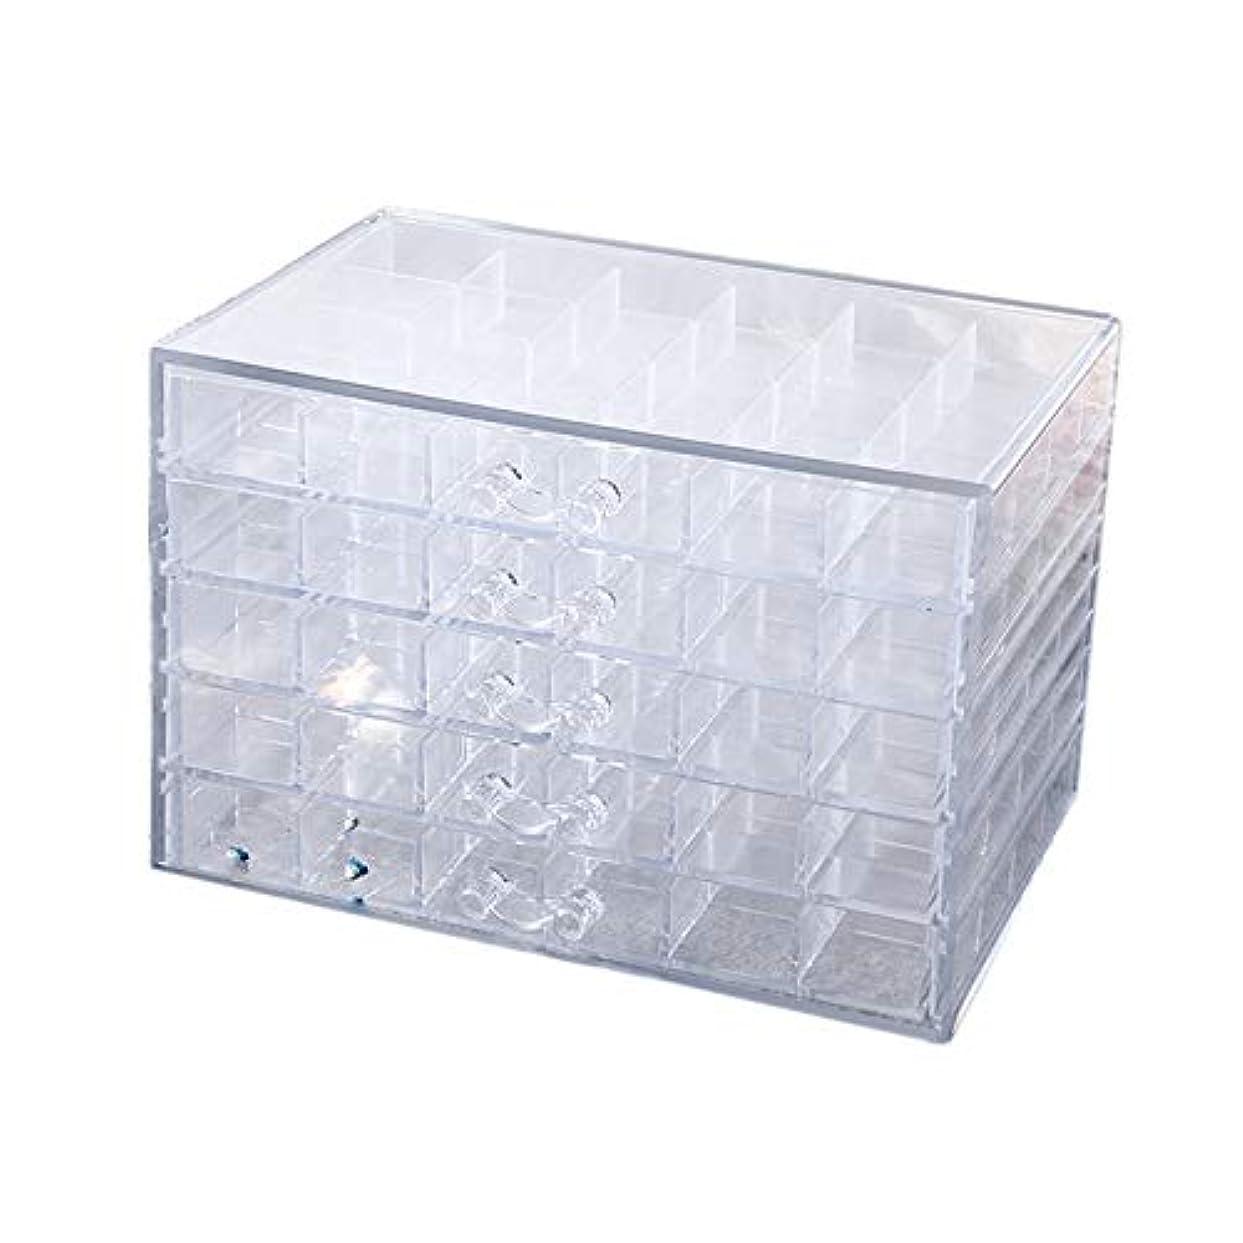 うれしい問い合わせ余計なTOOGOO 100グリッド プラスチック空のネイルアート収納ボックスツール ジュエリーラインストーンビーズネイルポリッシュコンテナオーガナイザープル可能ケース